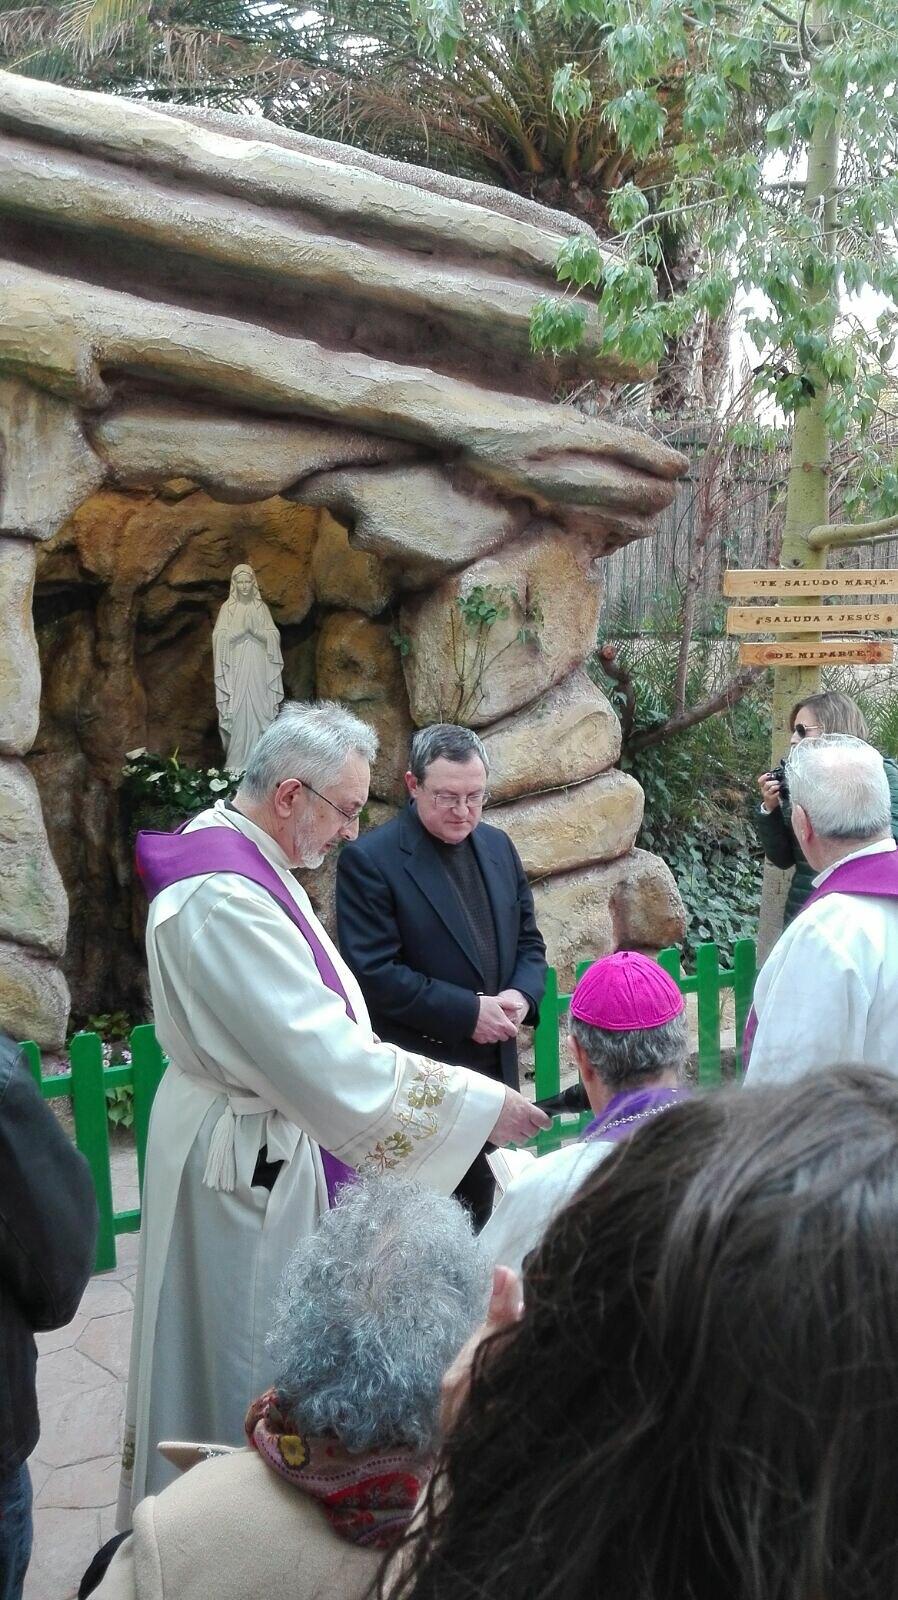 (2016-02-13) - Inauguración Virgen de Lourdes, La Molineta - Pascual Serrano (12)